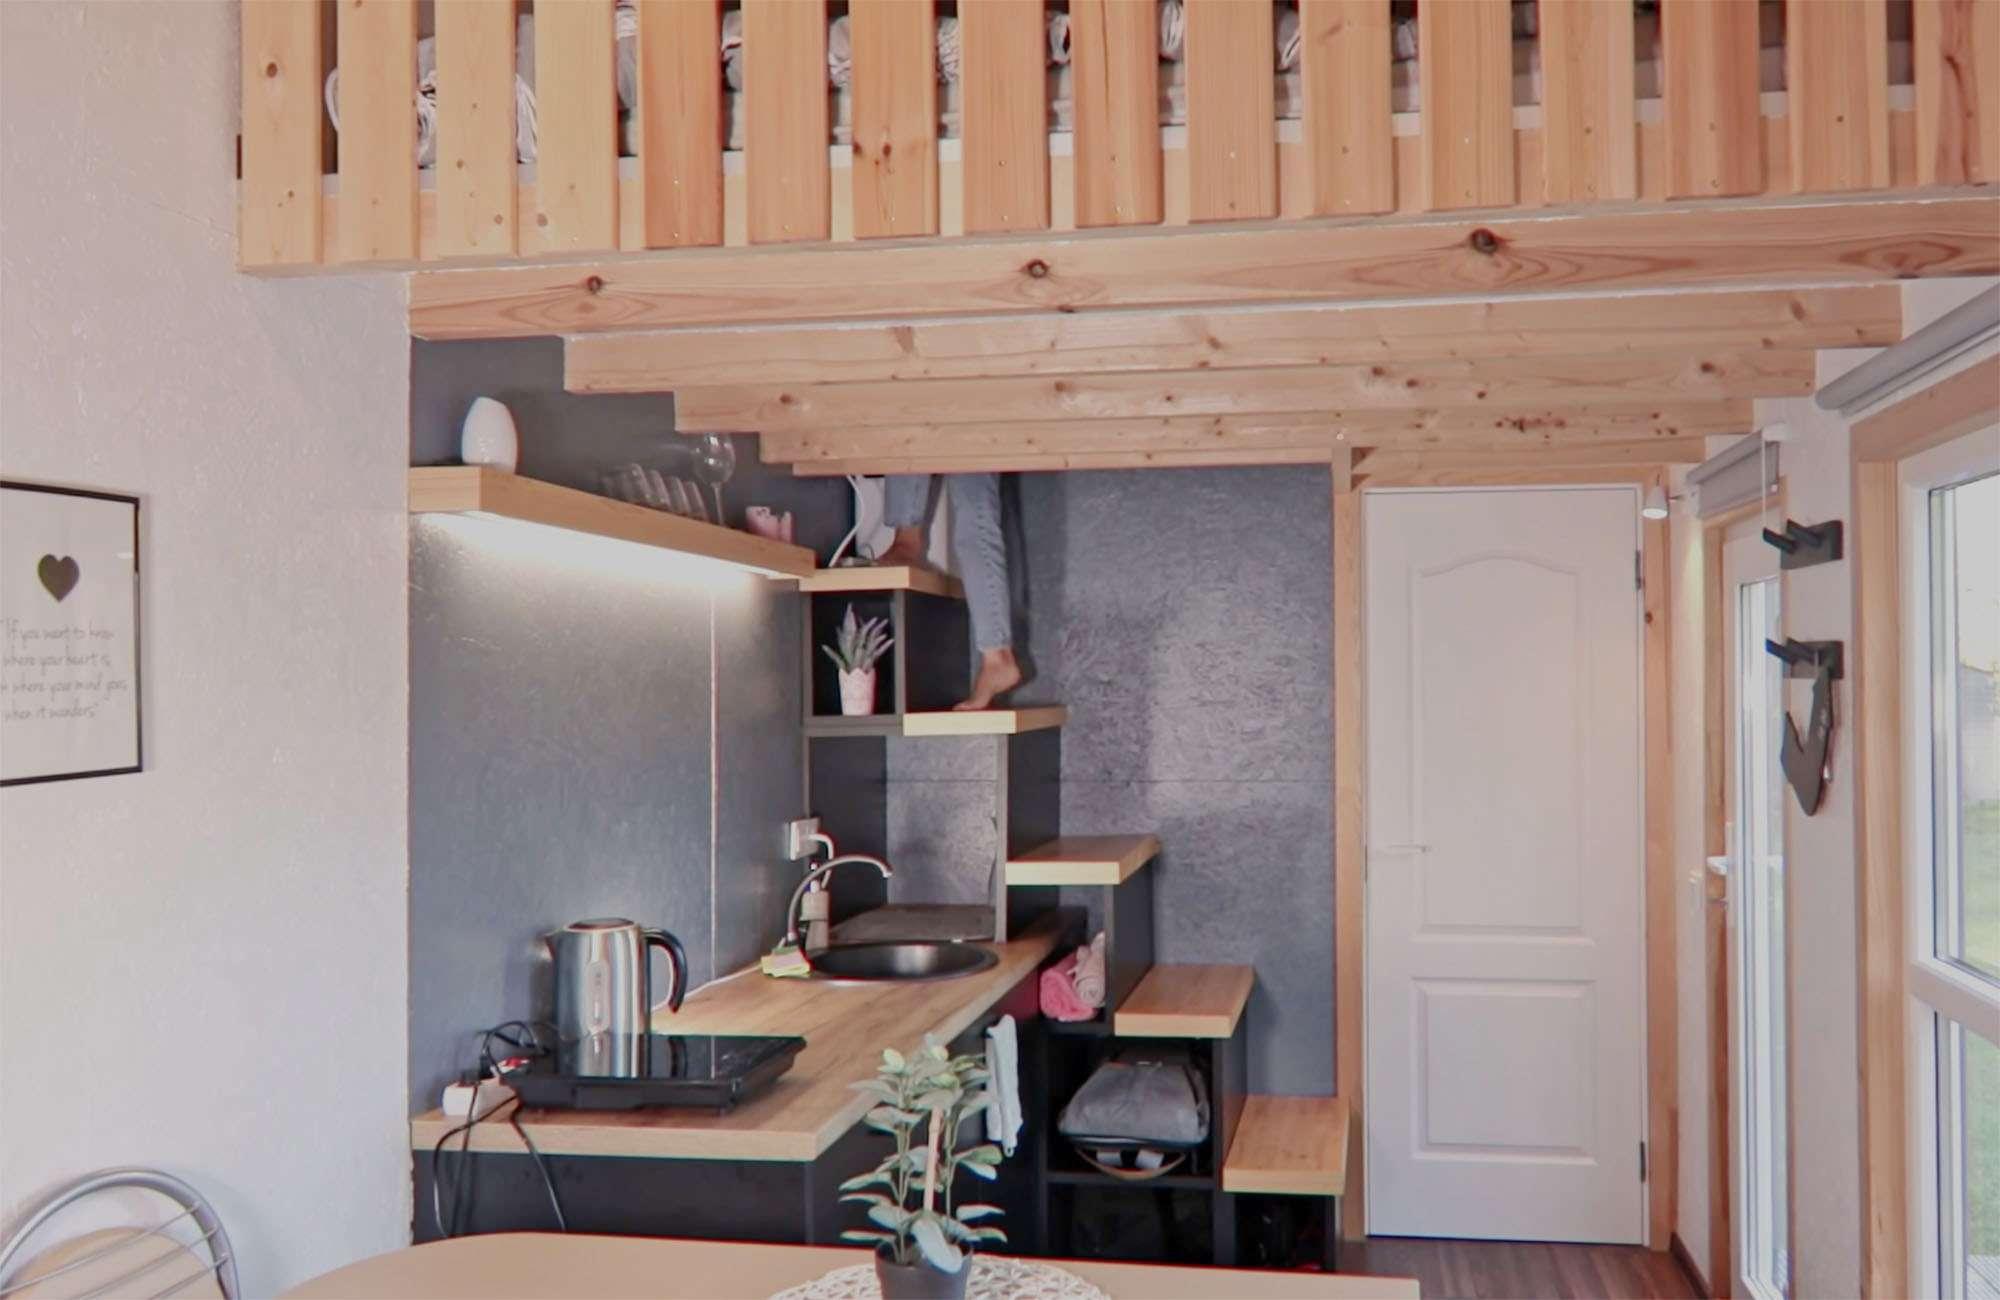 tiny village latvia stair